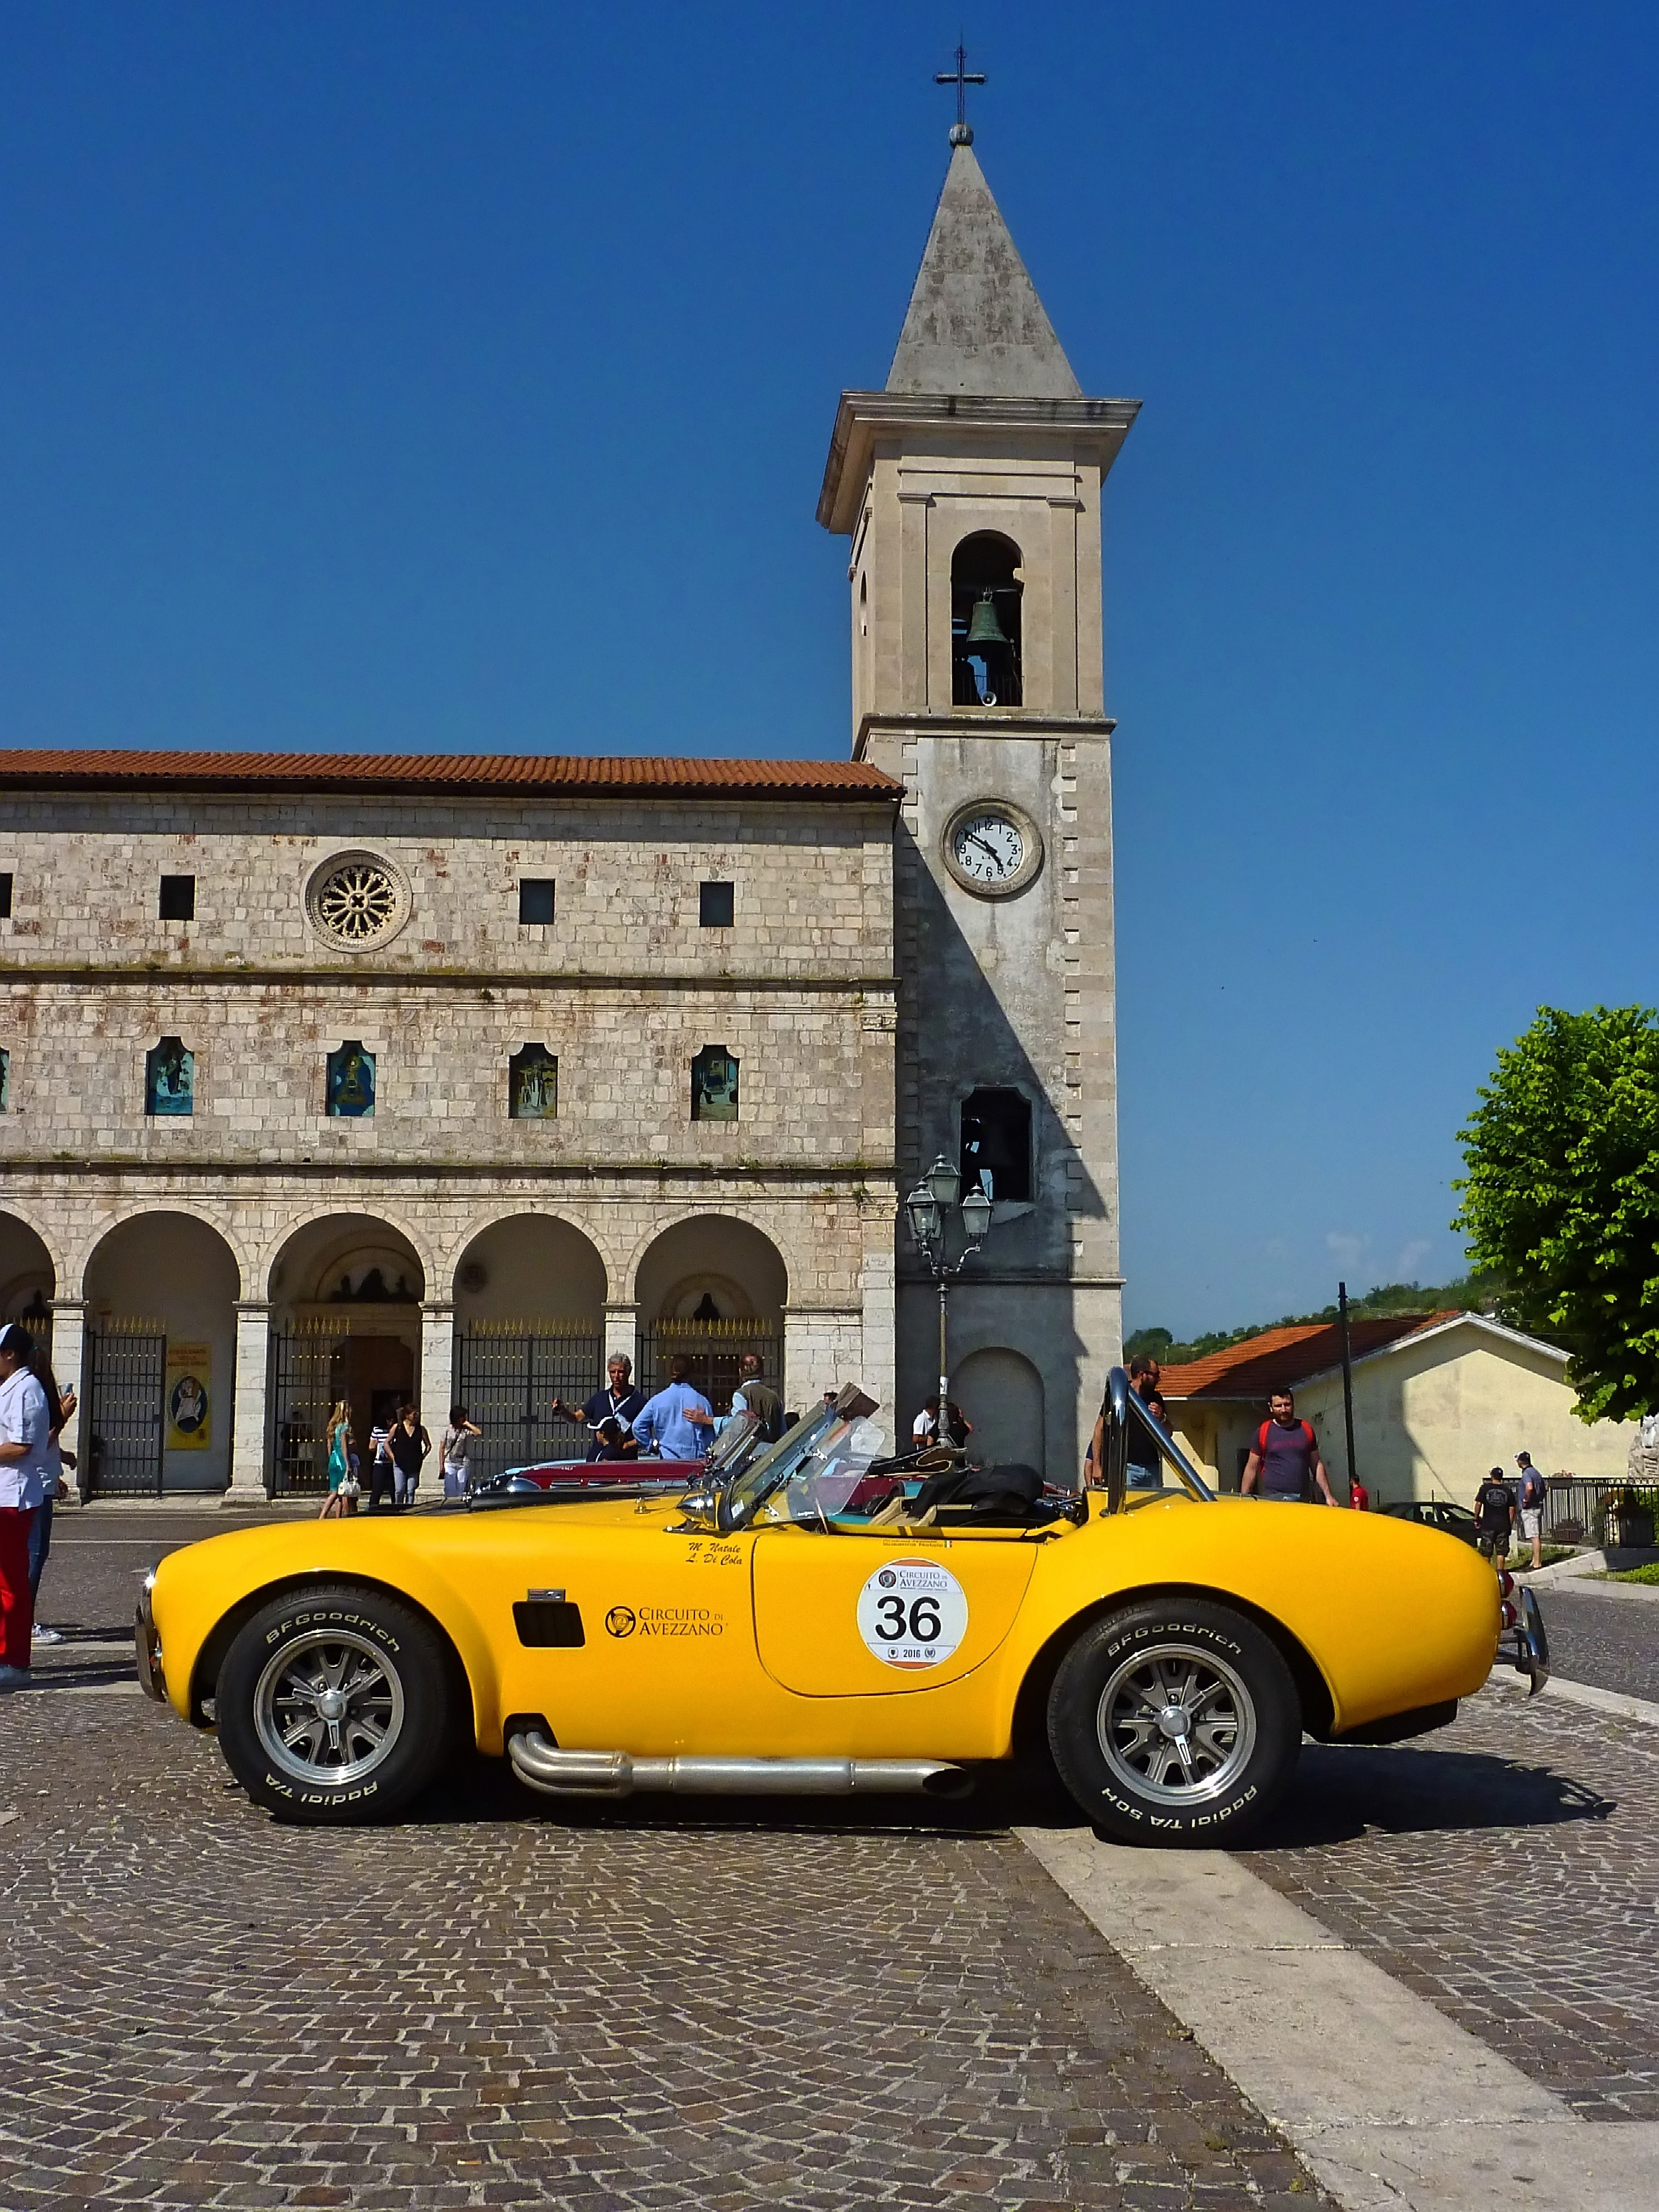 4th Circuito Di Avezzano (144)